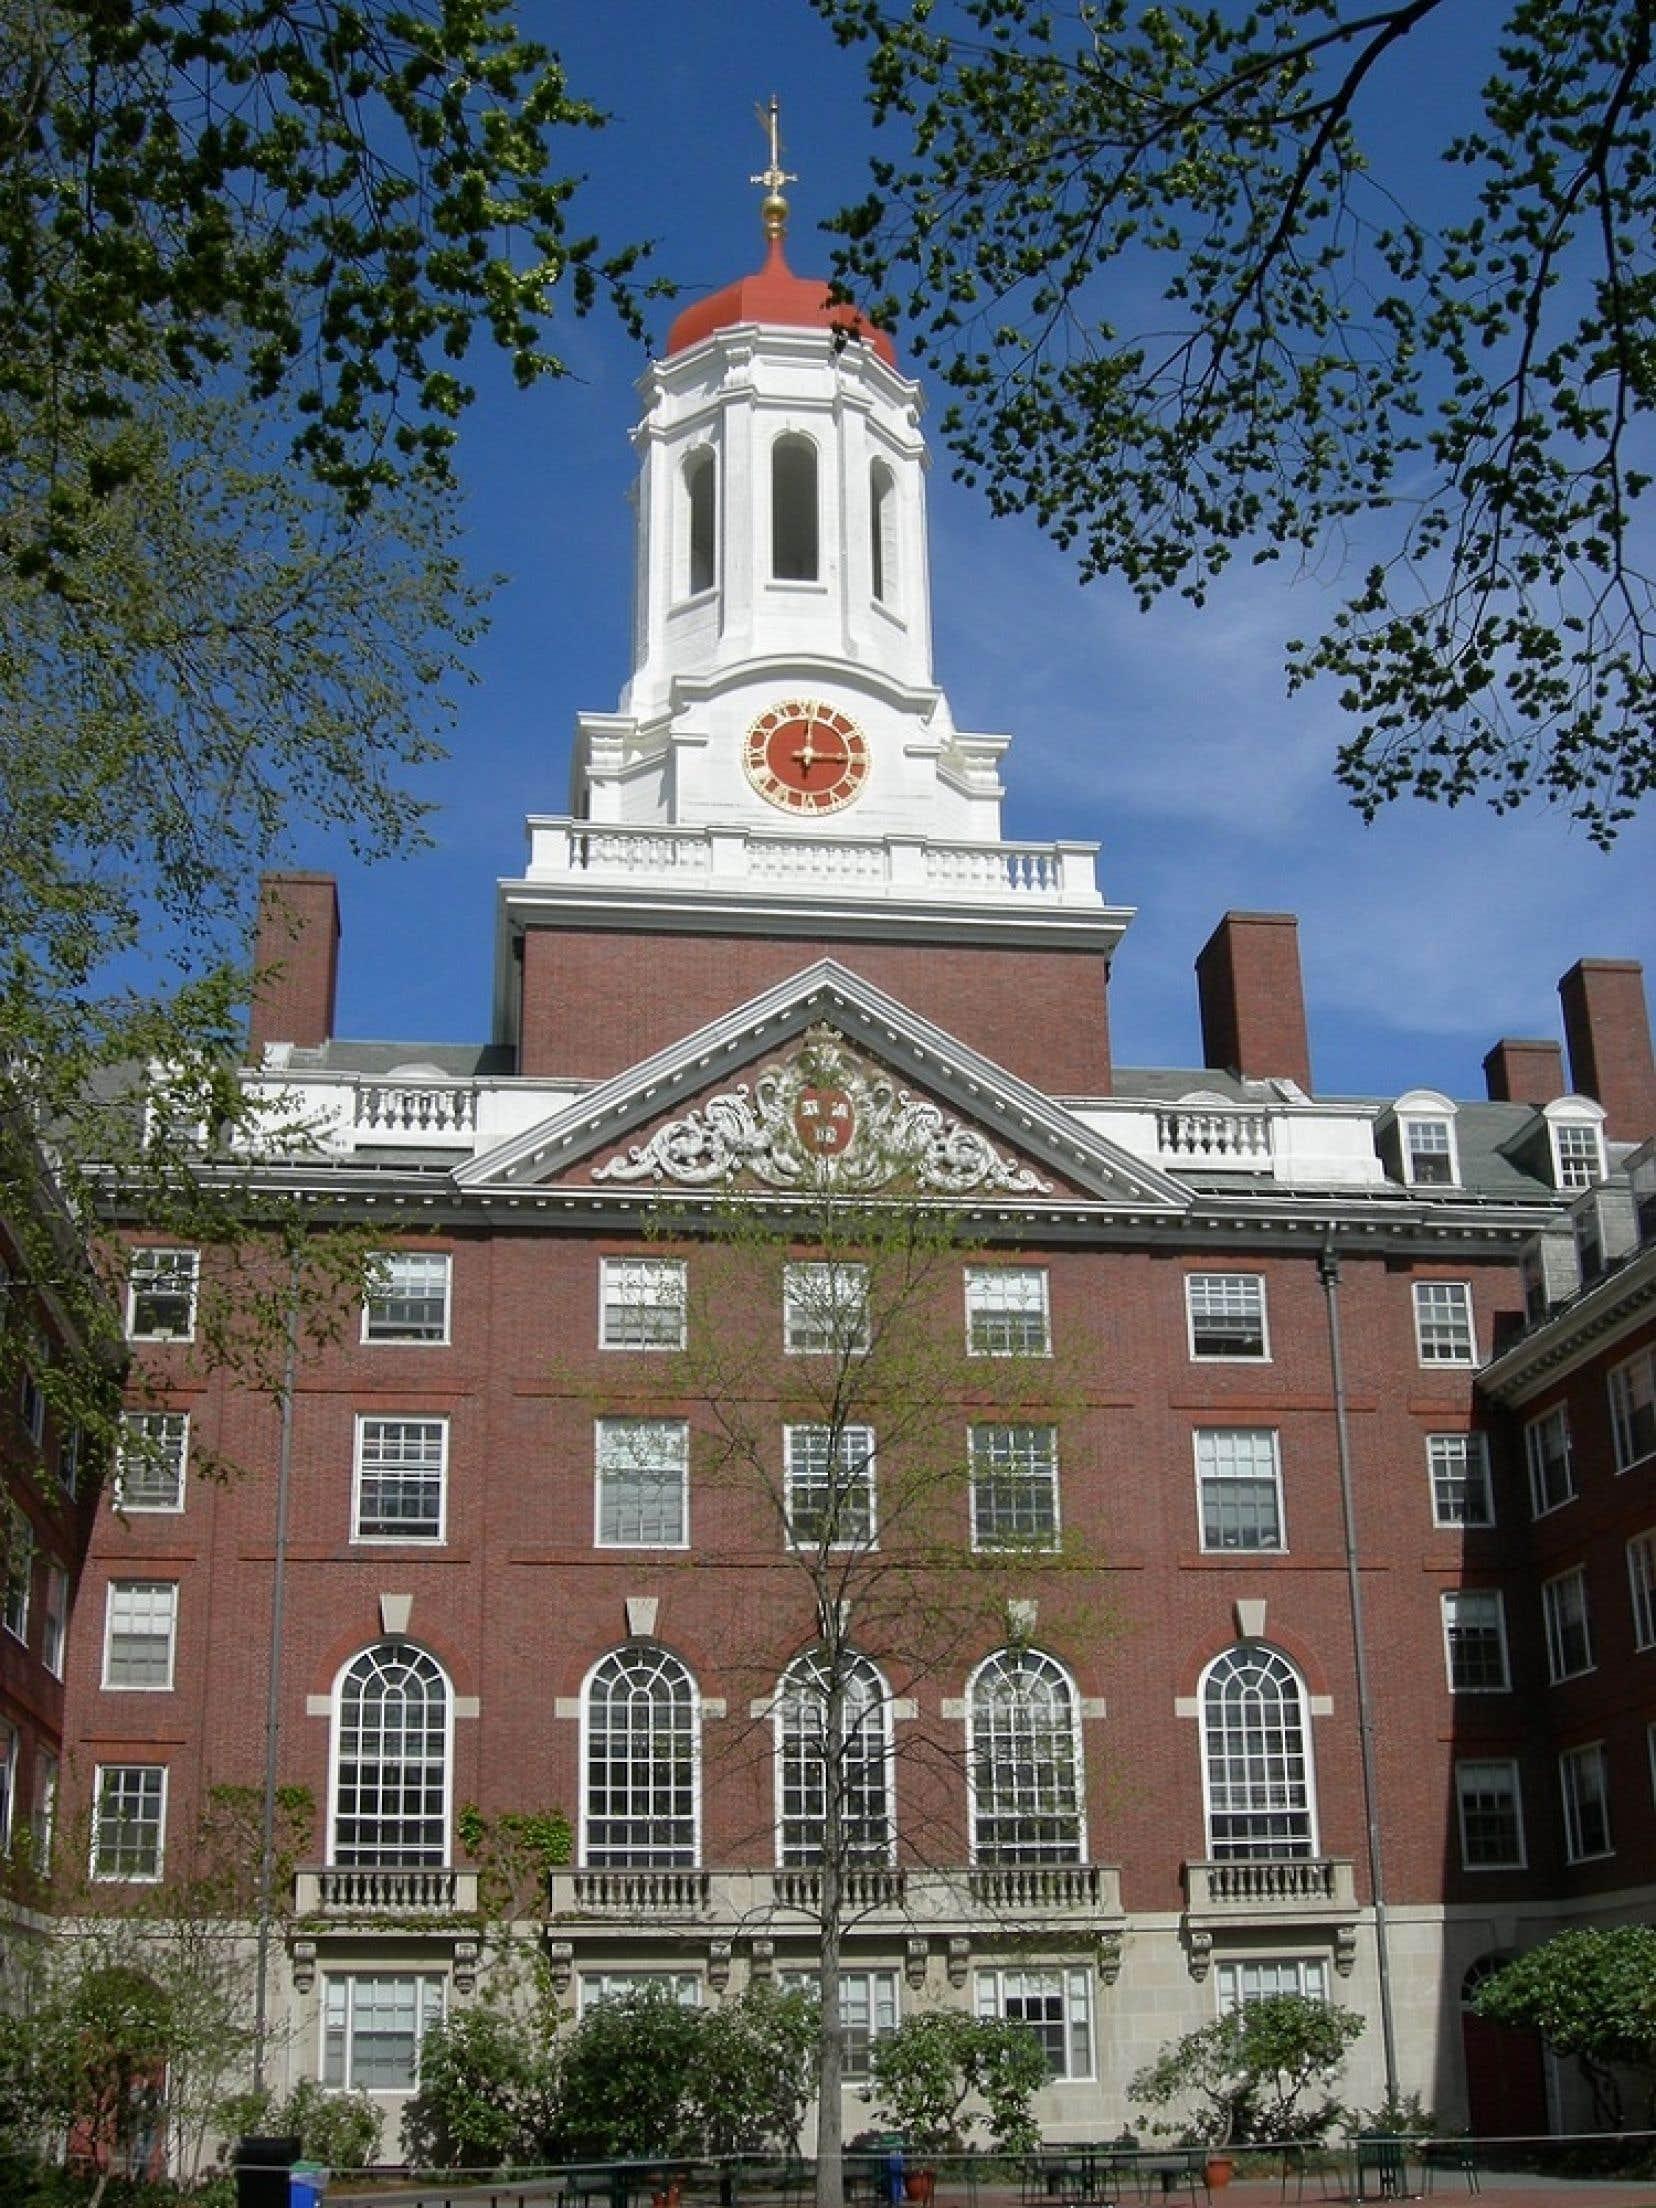 Le rapport financier note que le déficit de 34 millions $US représente moins de 1% des revenus d'Harvard. Dans ce contexte, disent les responsables, ce manque à gagner est gérable, tout en étant significatif.